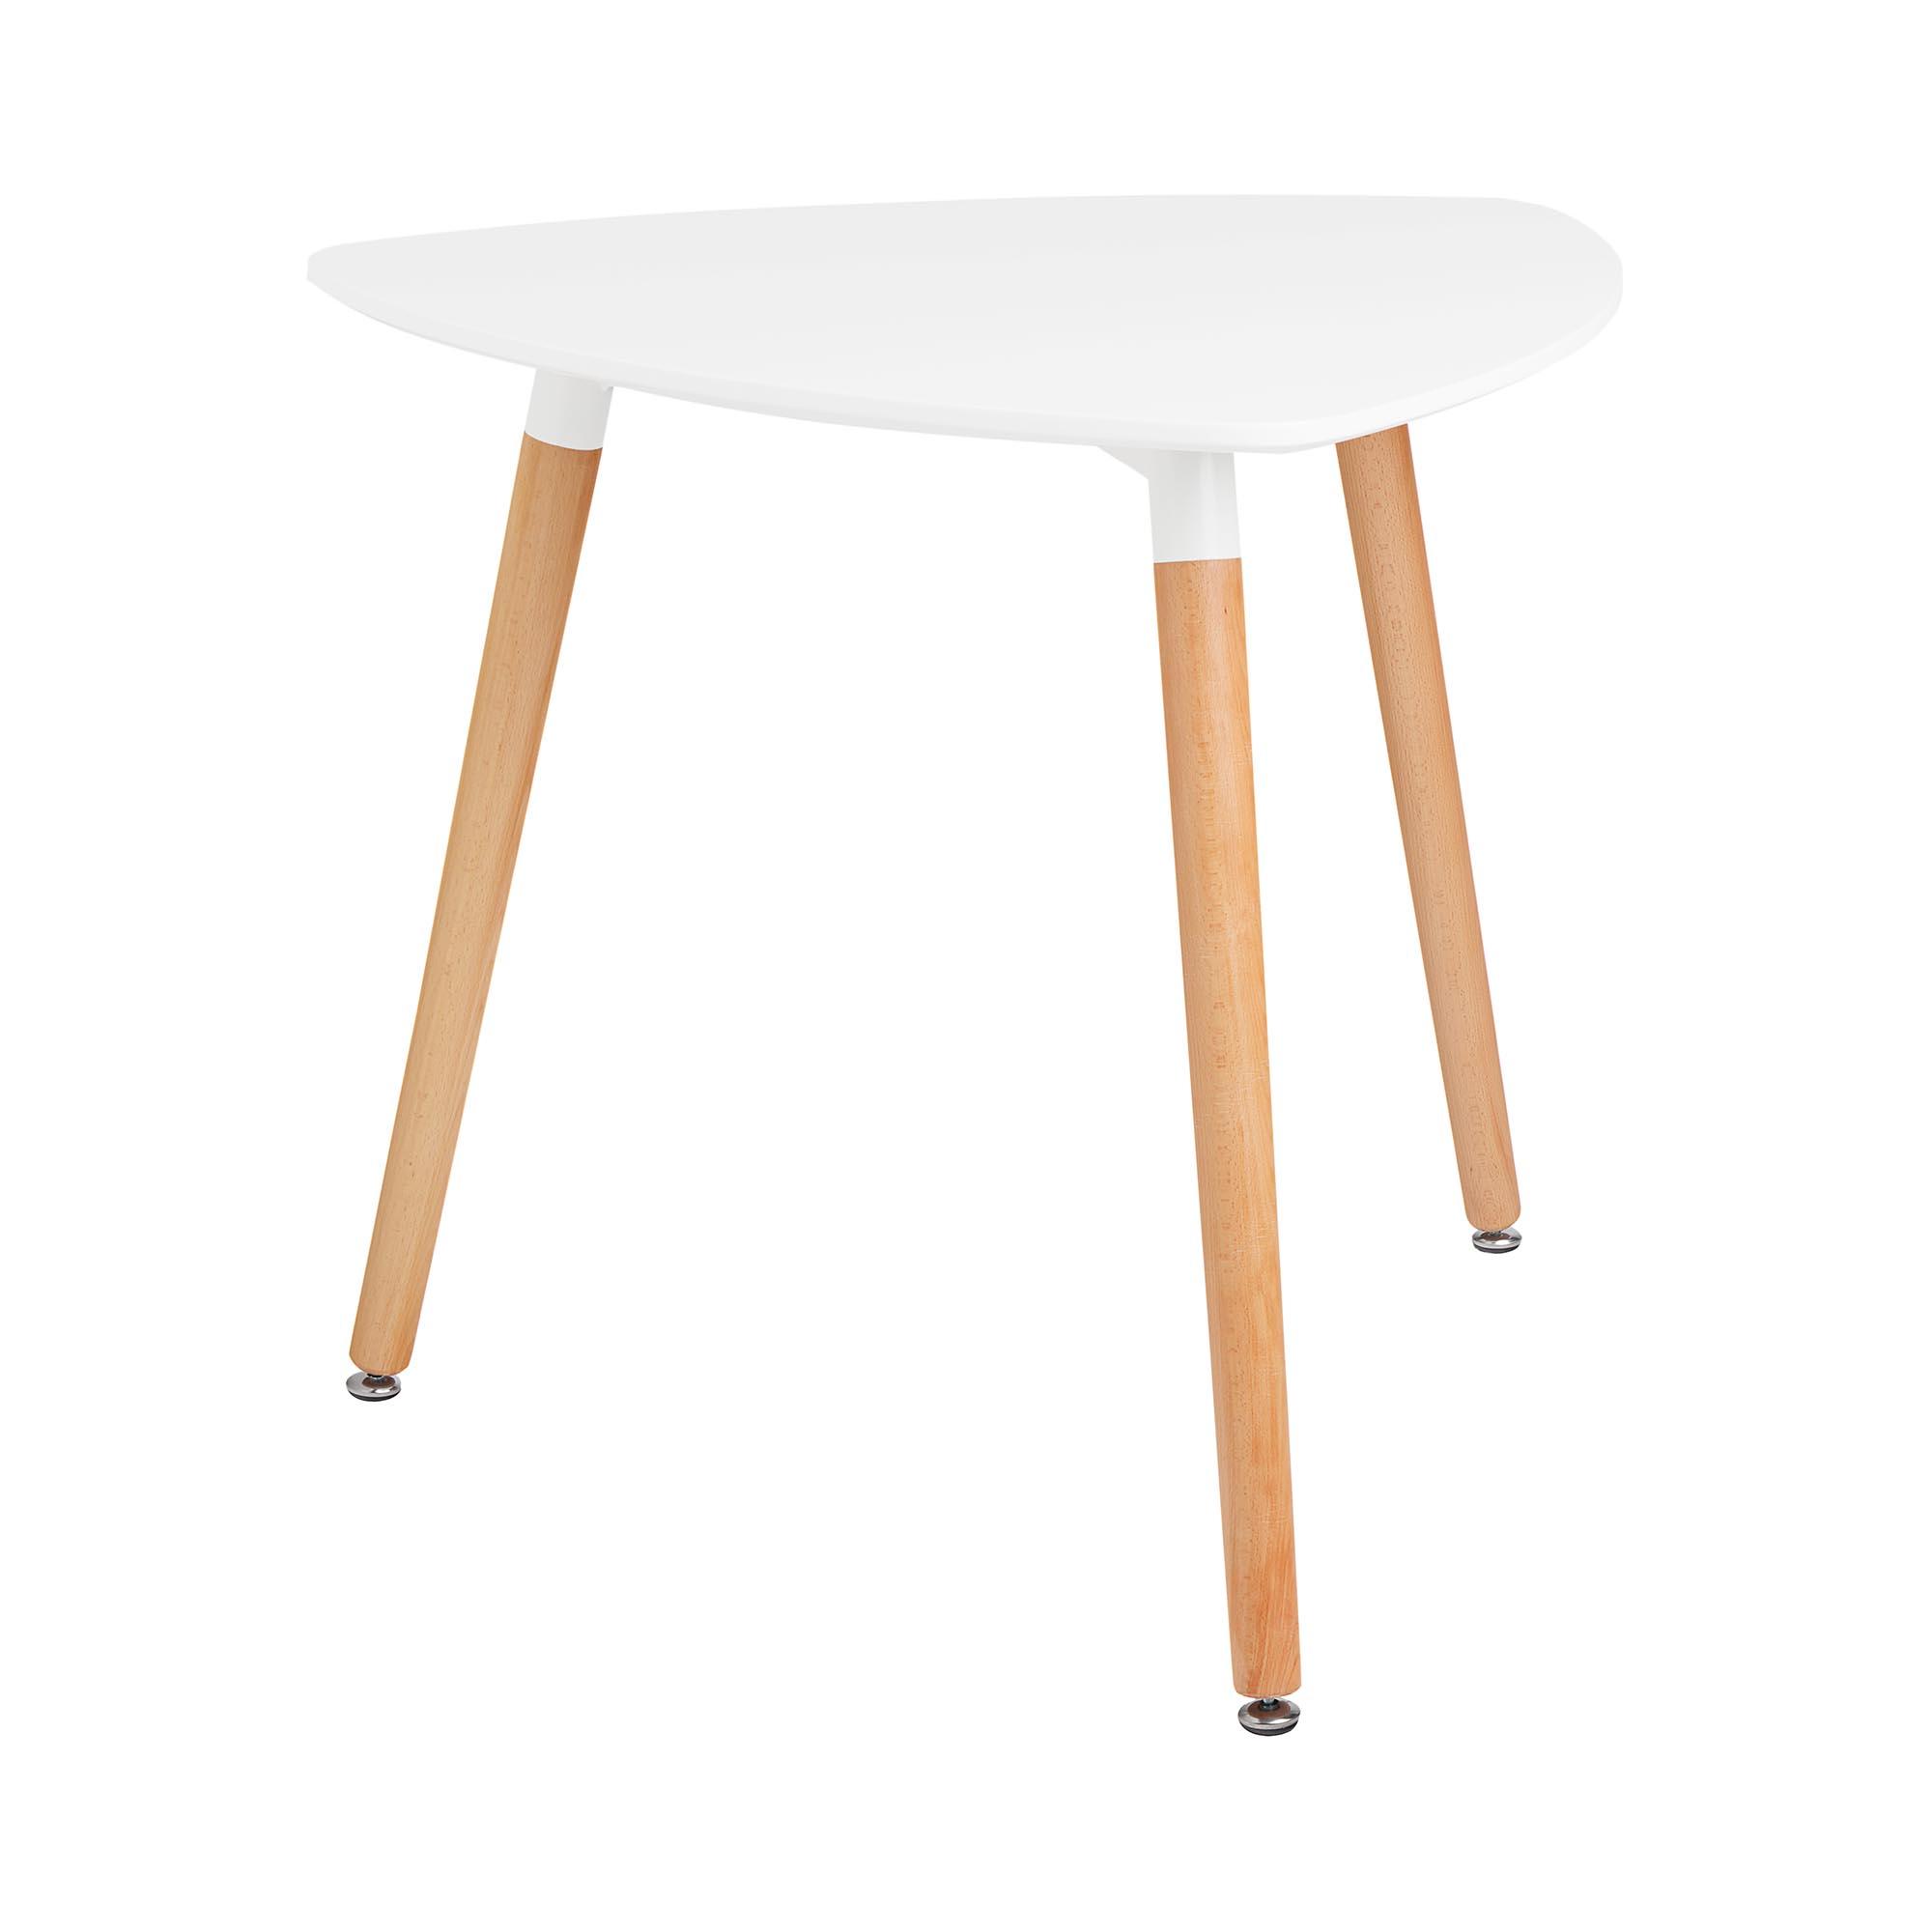 Fromm & Starck Tisch - dreieckig - 80 x 80 cm - weiß STAR_DESK_11